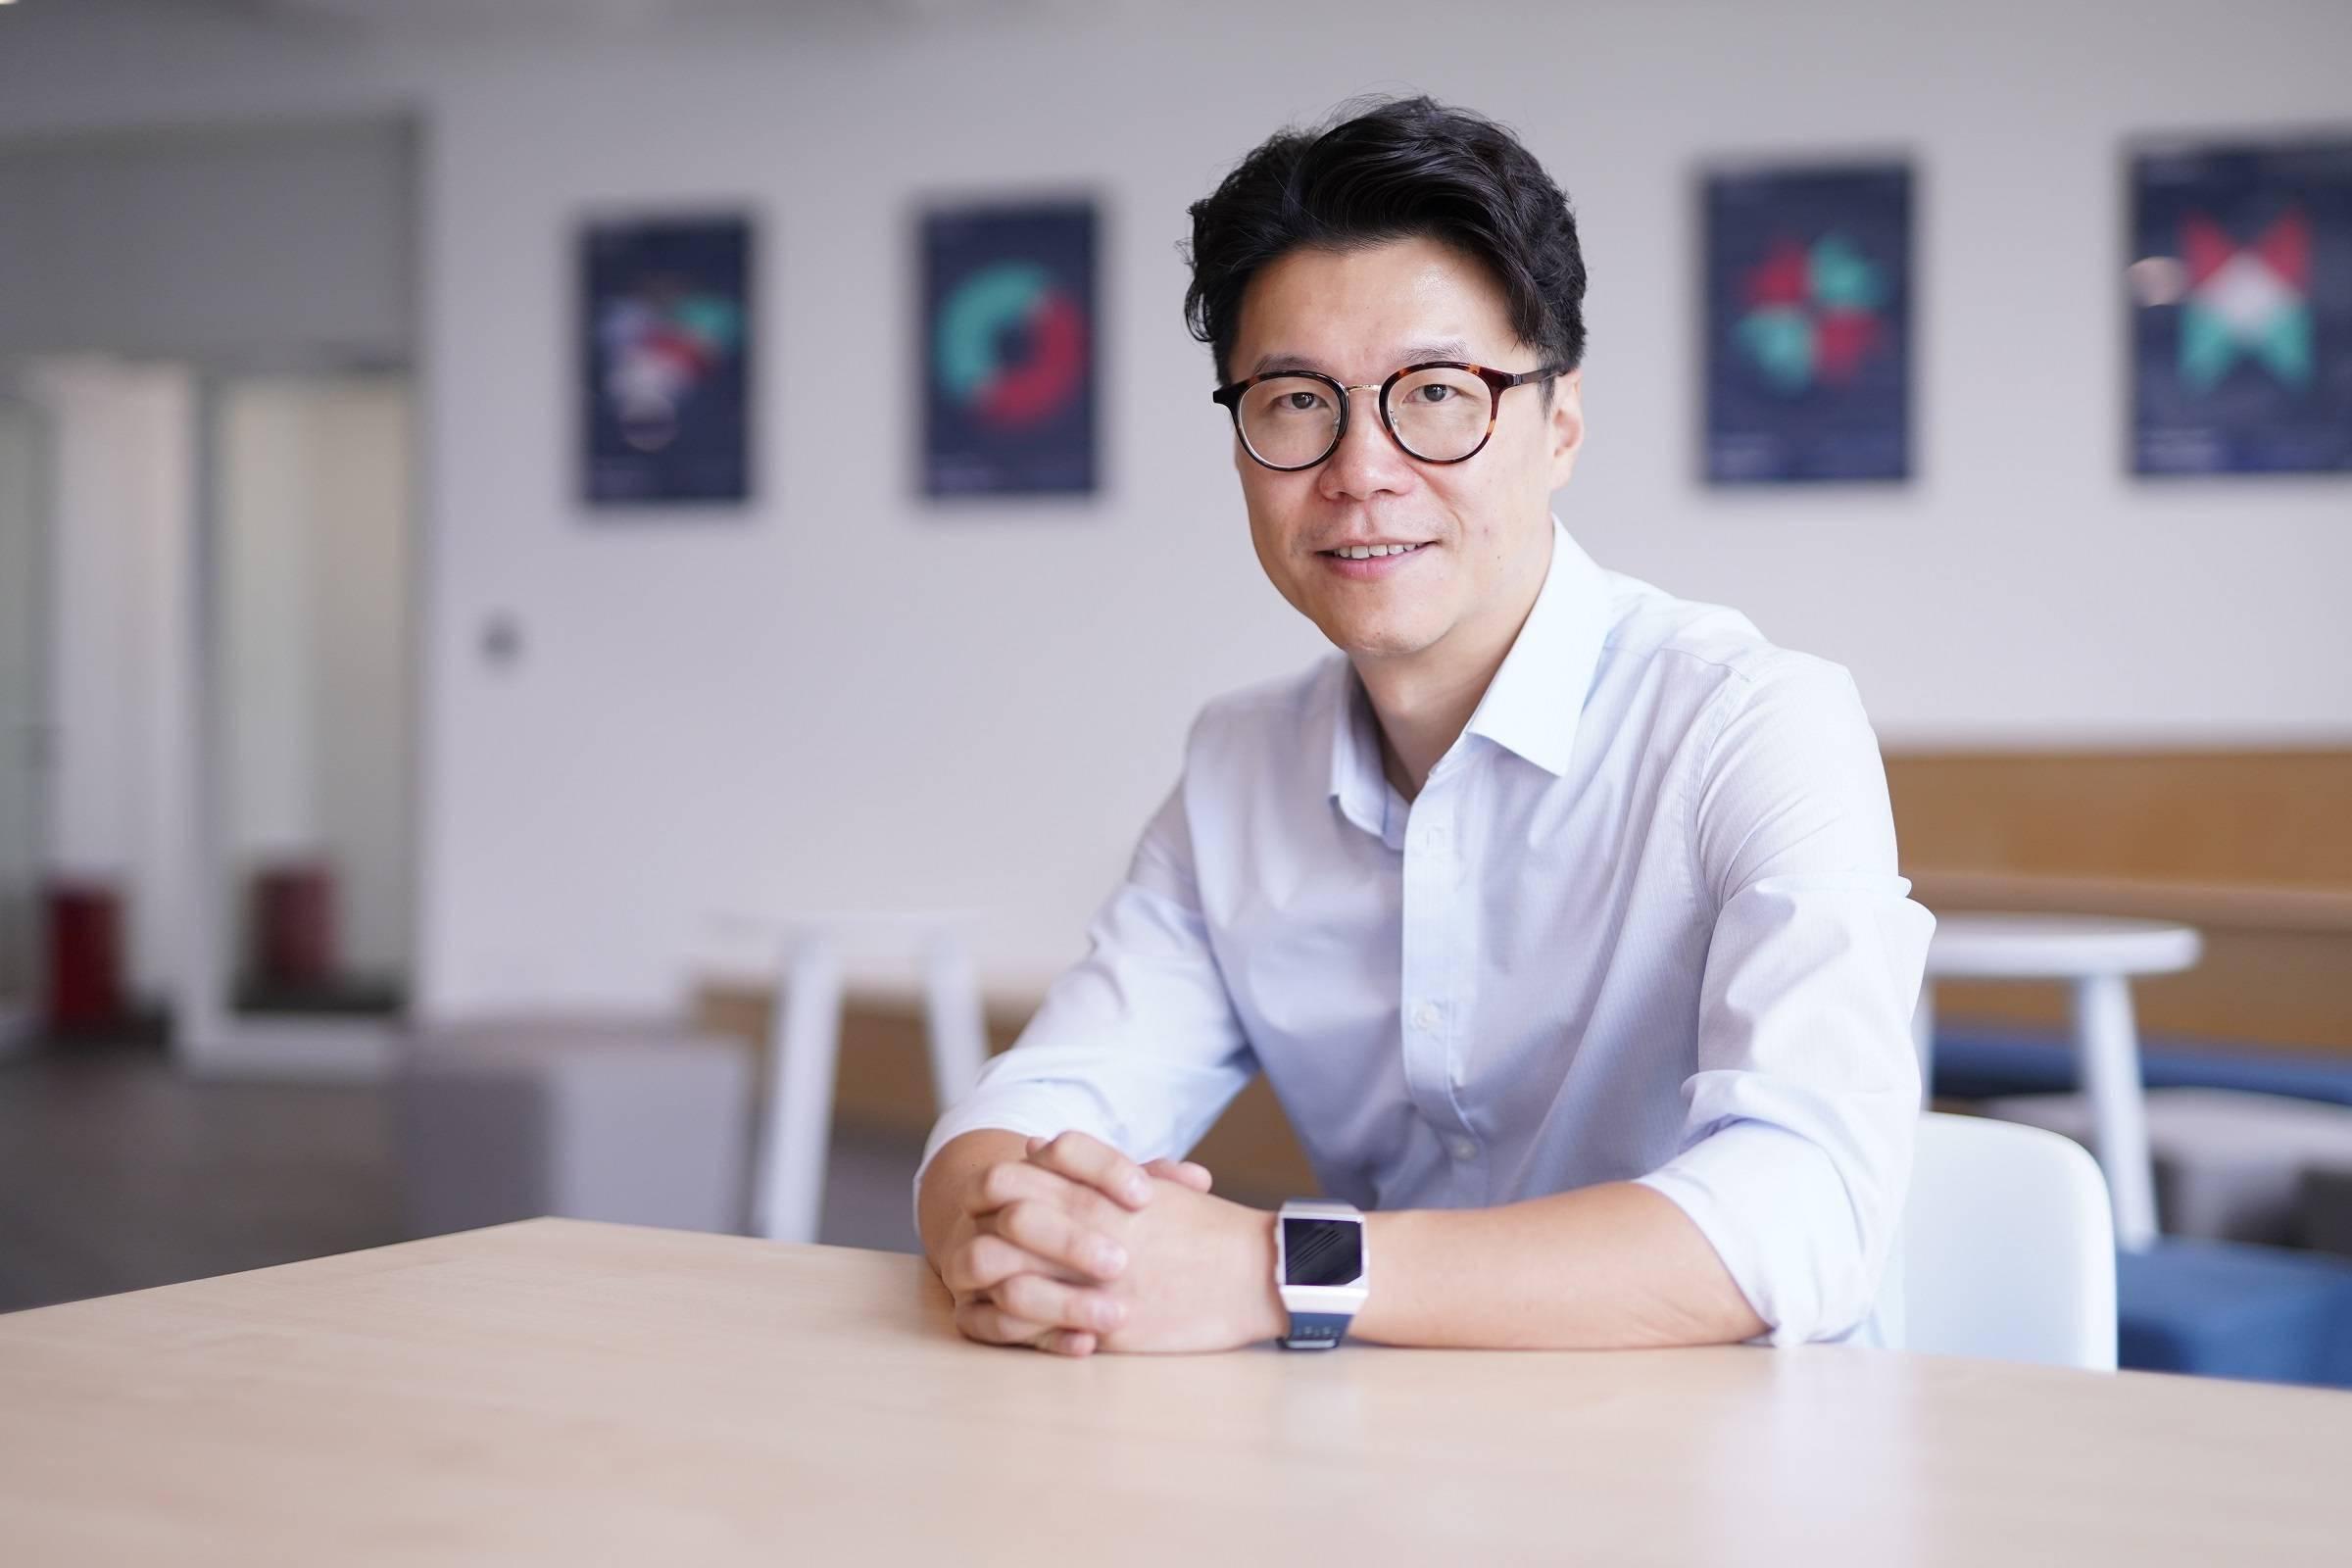 专访 Flexport 亚洲董事总经理高学亨:用科技打造传统货代行业的数字化和可持续化旅程